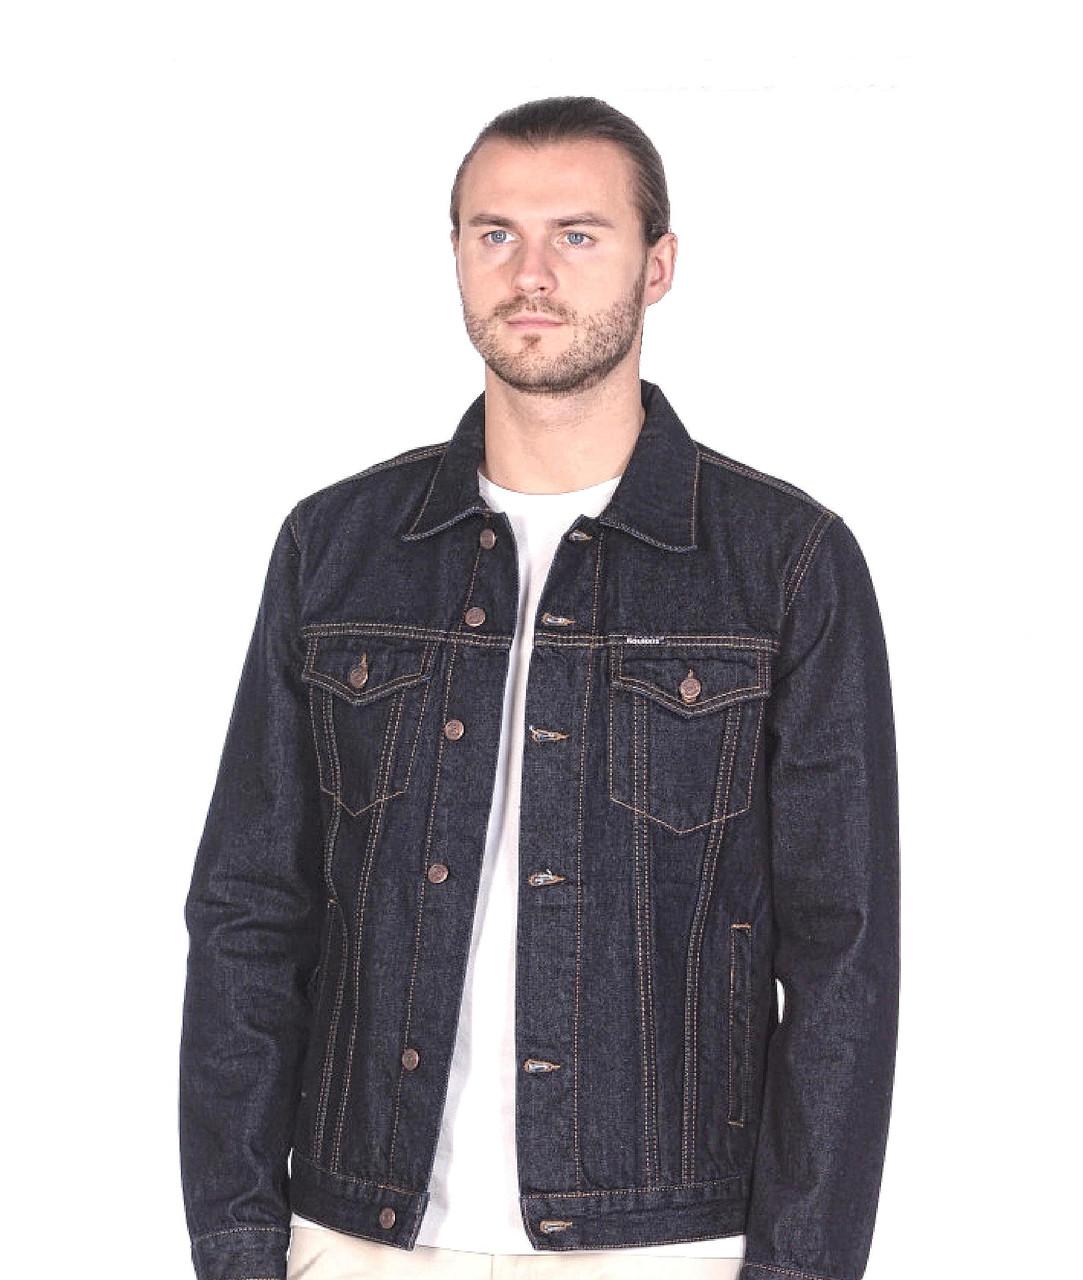 """Джинсовая мужская куртка """"Koutons"""" (размеры 3XL/54) - фото 2"""